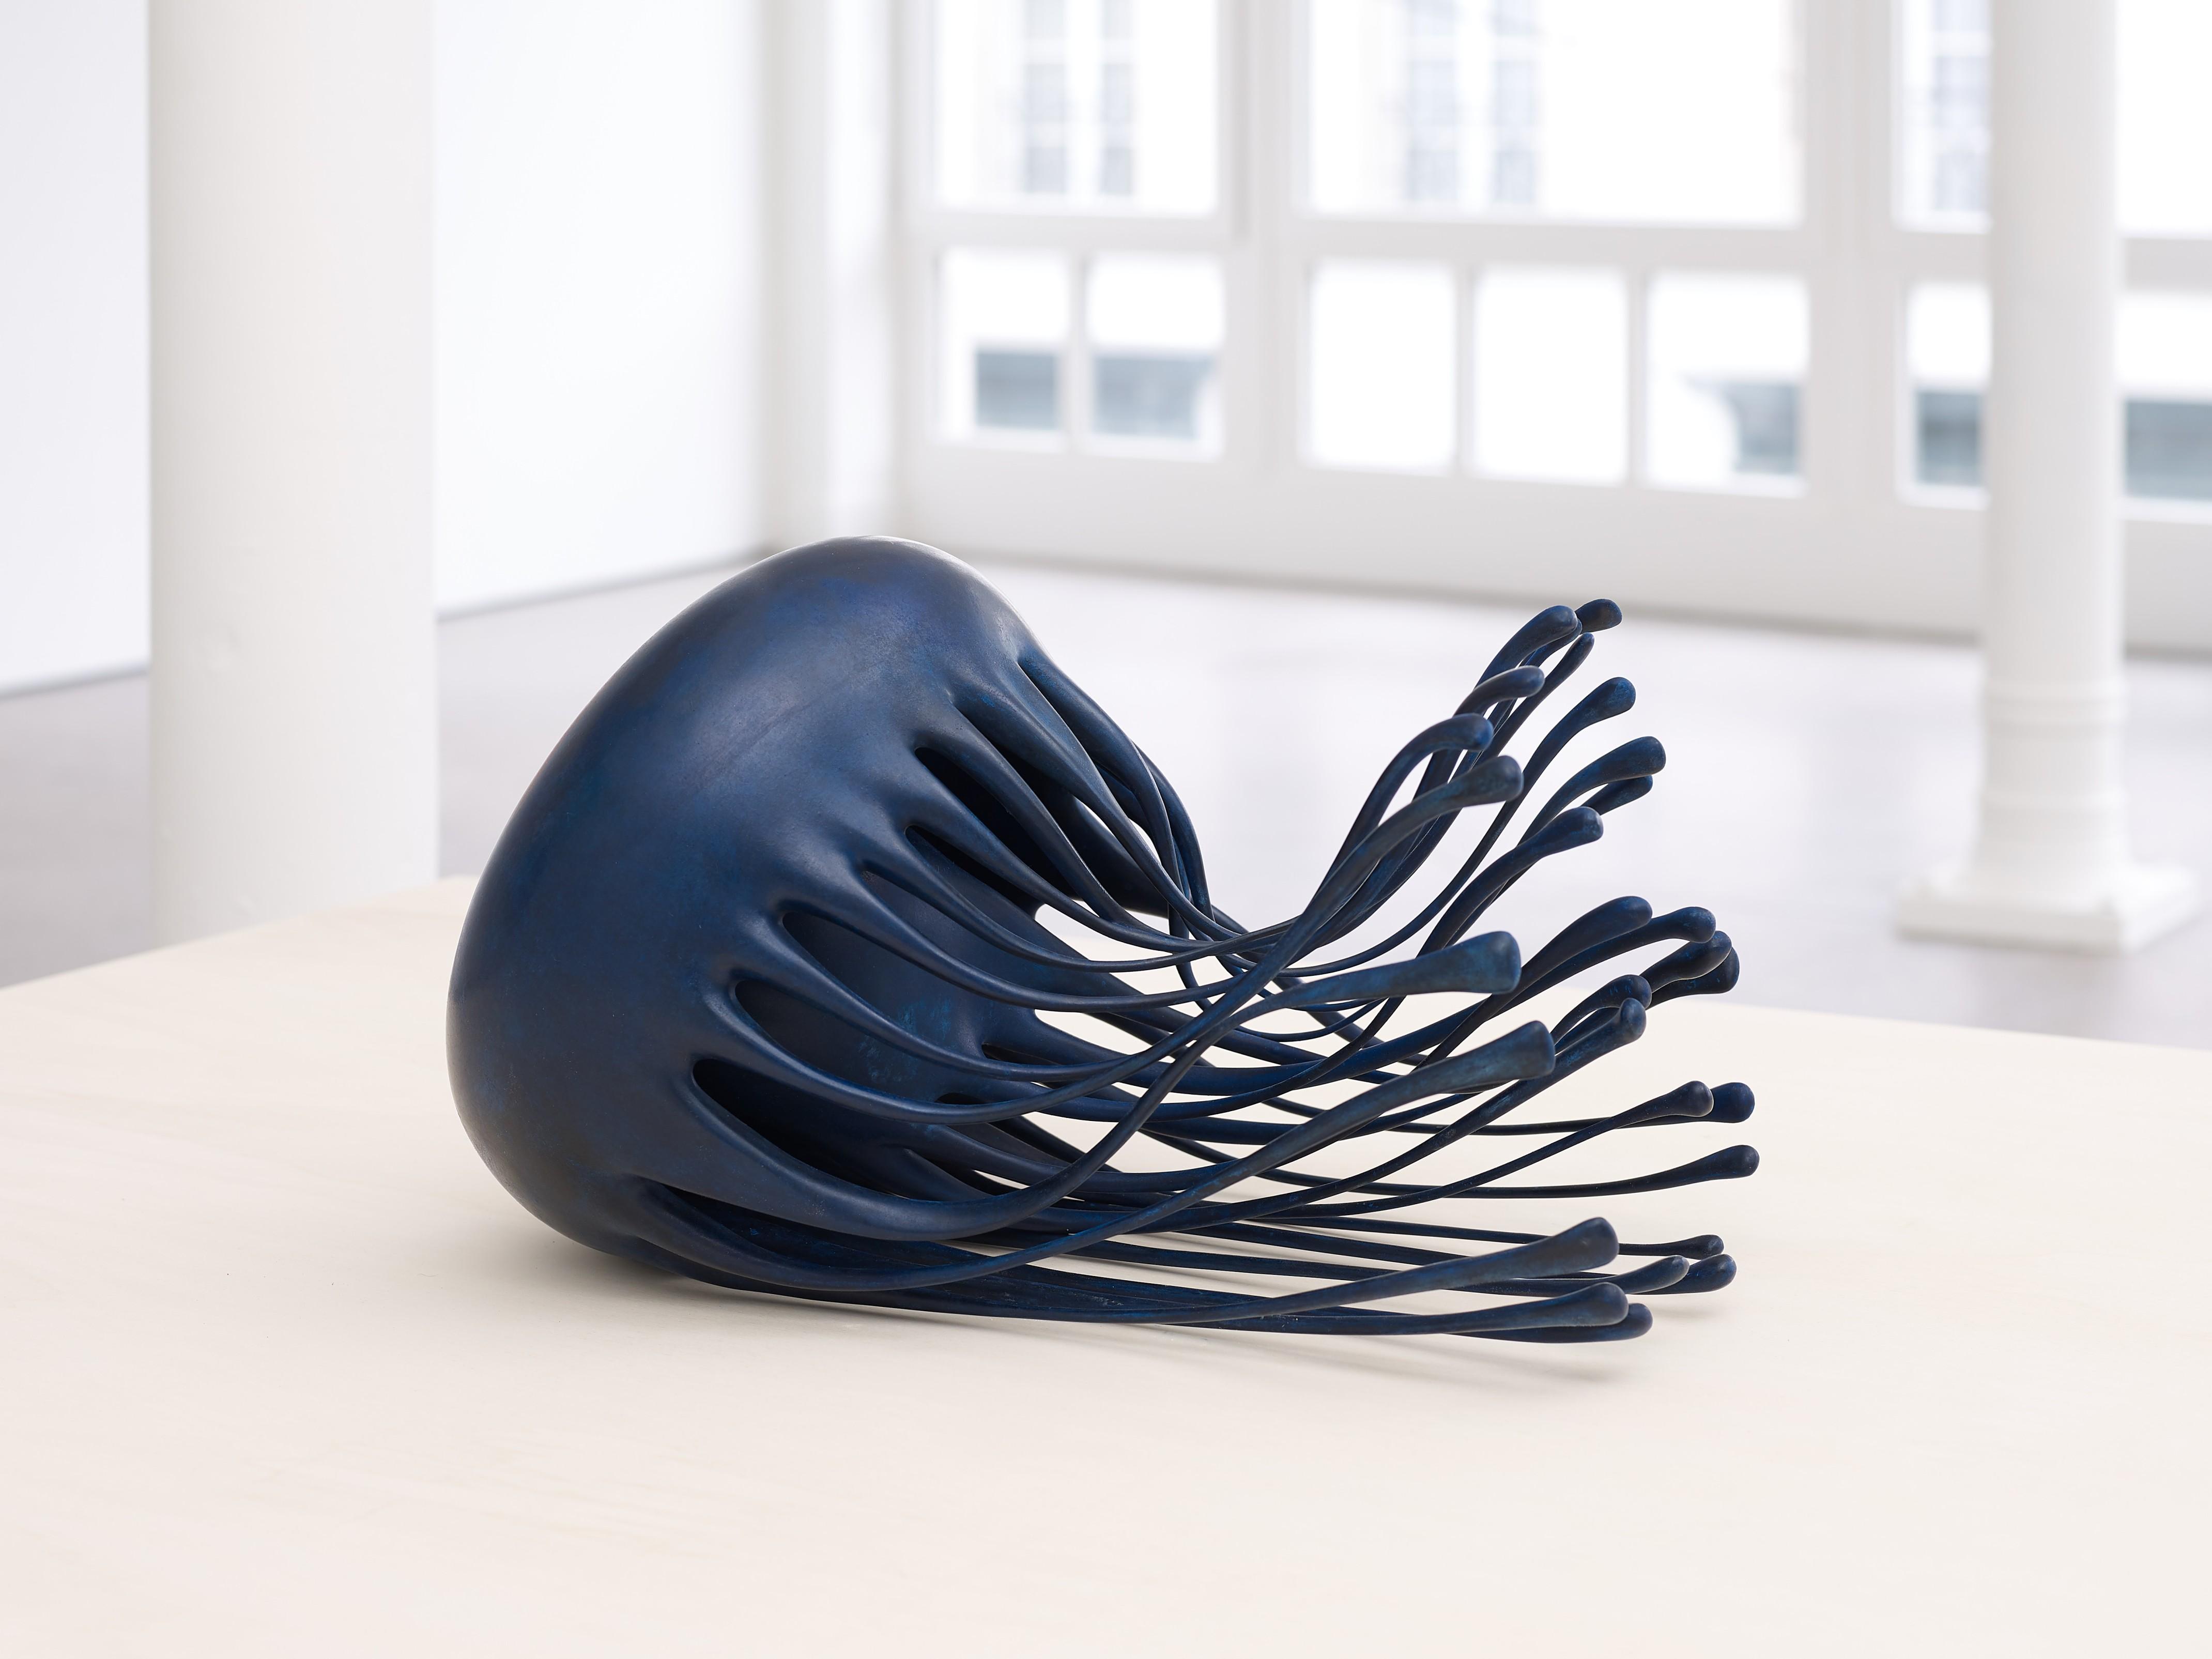 Colorful Contemporary Art by Jean-Luc Moulène - Méduse Jean-Luc Moulène Colorful Contemporary Art by Jean-Luc Moulène Colorful Contemporary Art by Jean Luc Moul  ne M  duse